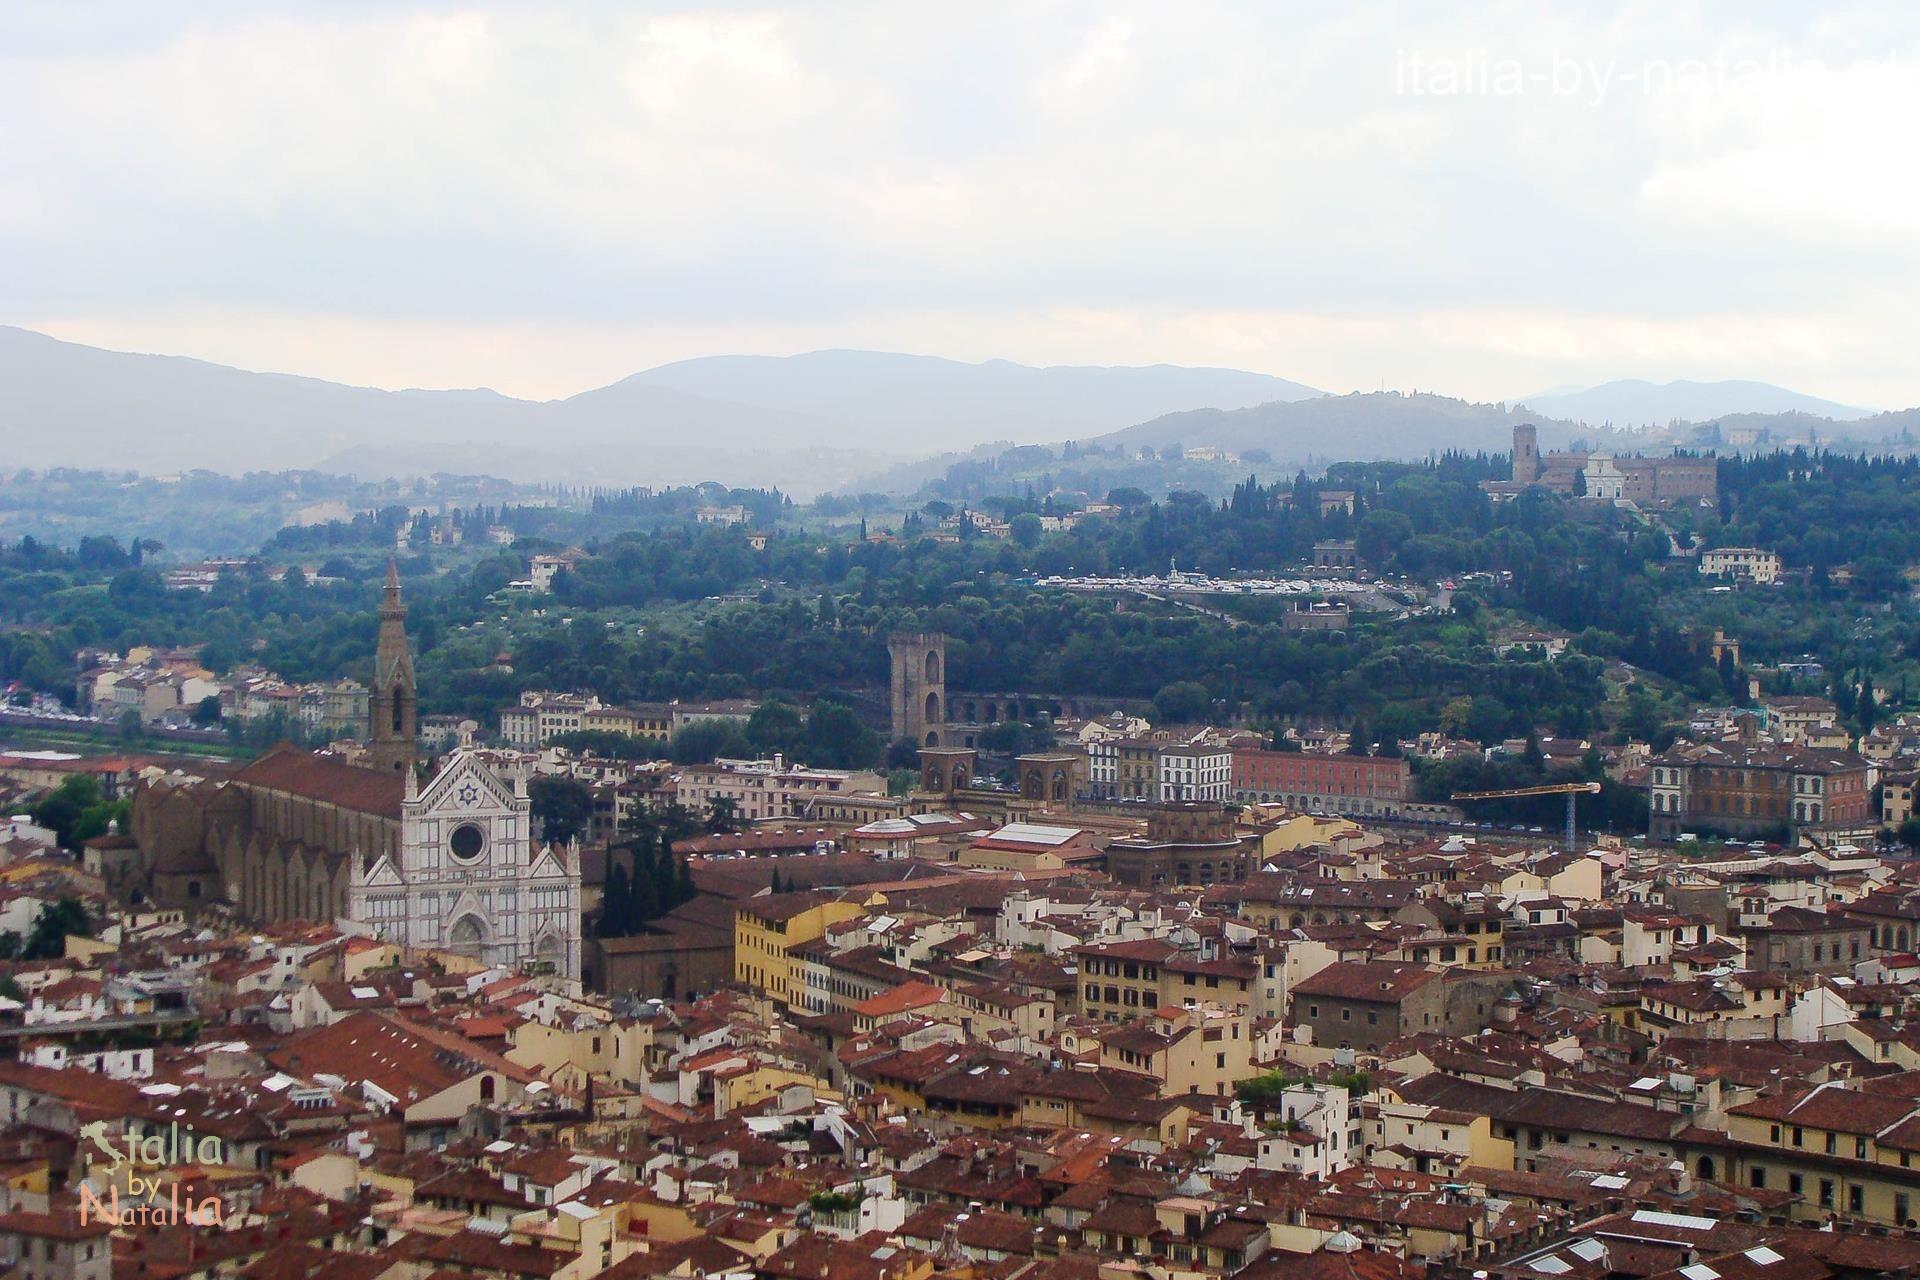 Florencja Katedra widok punkt widokowy panorama Santa Croce